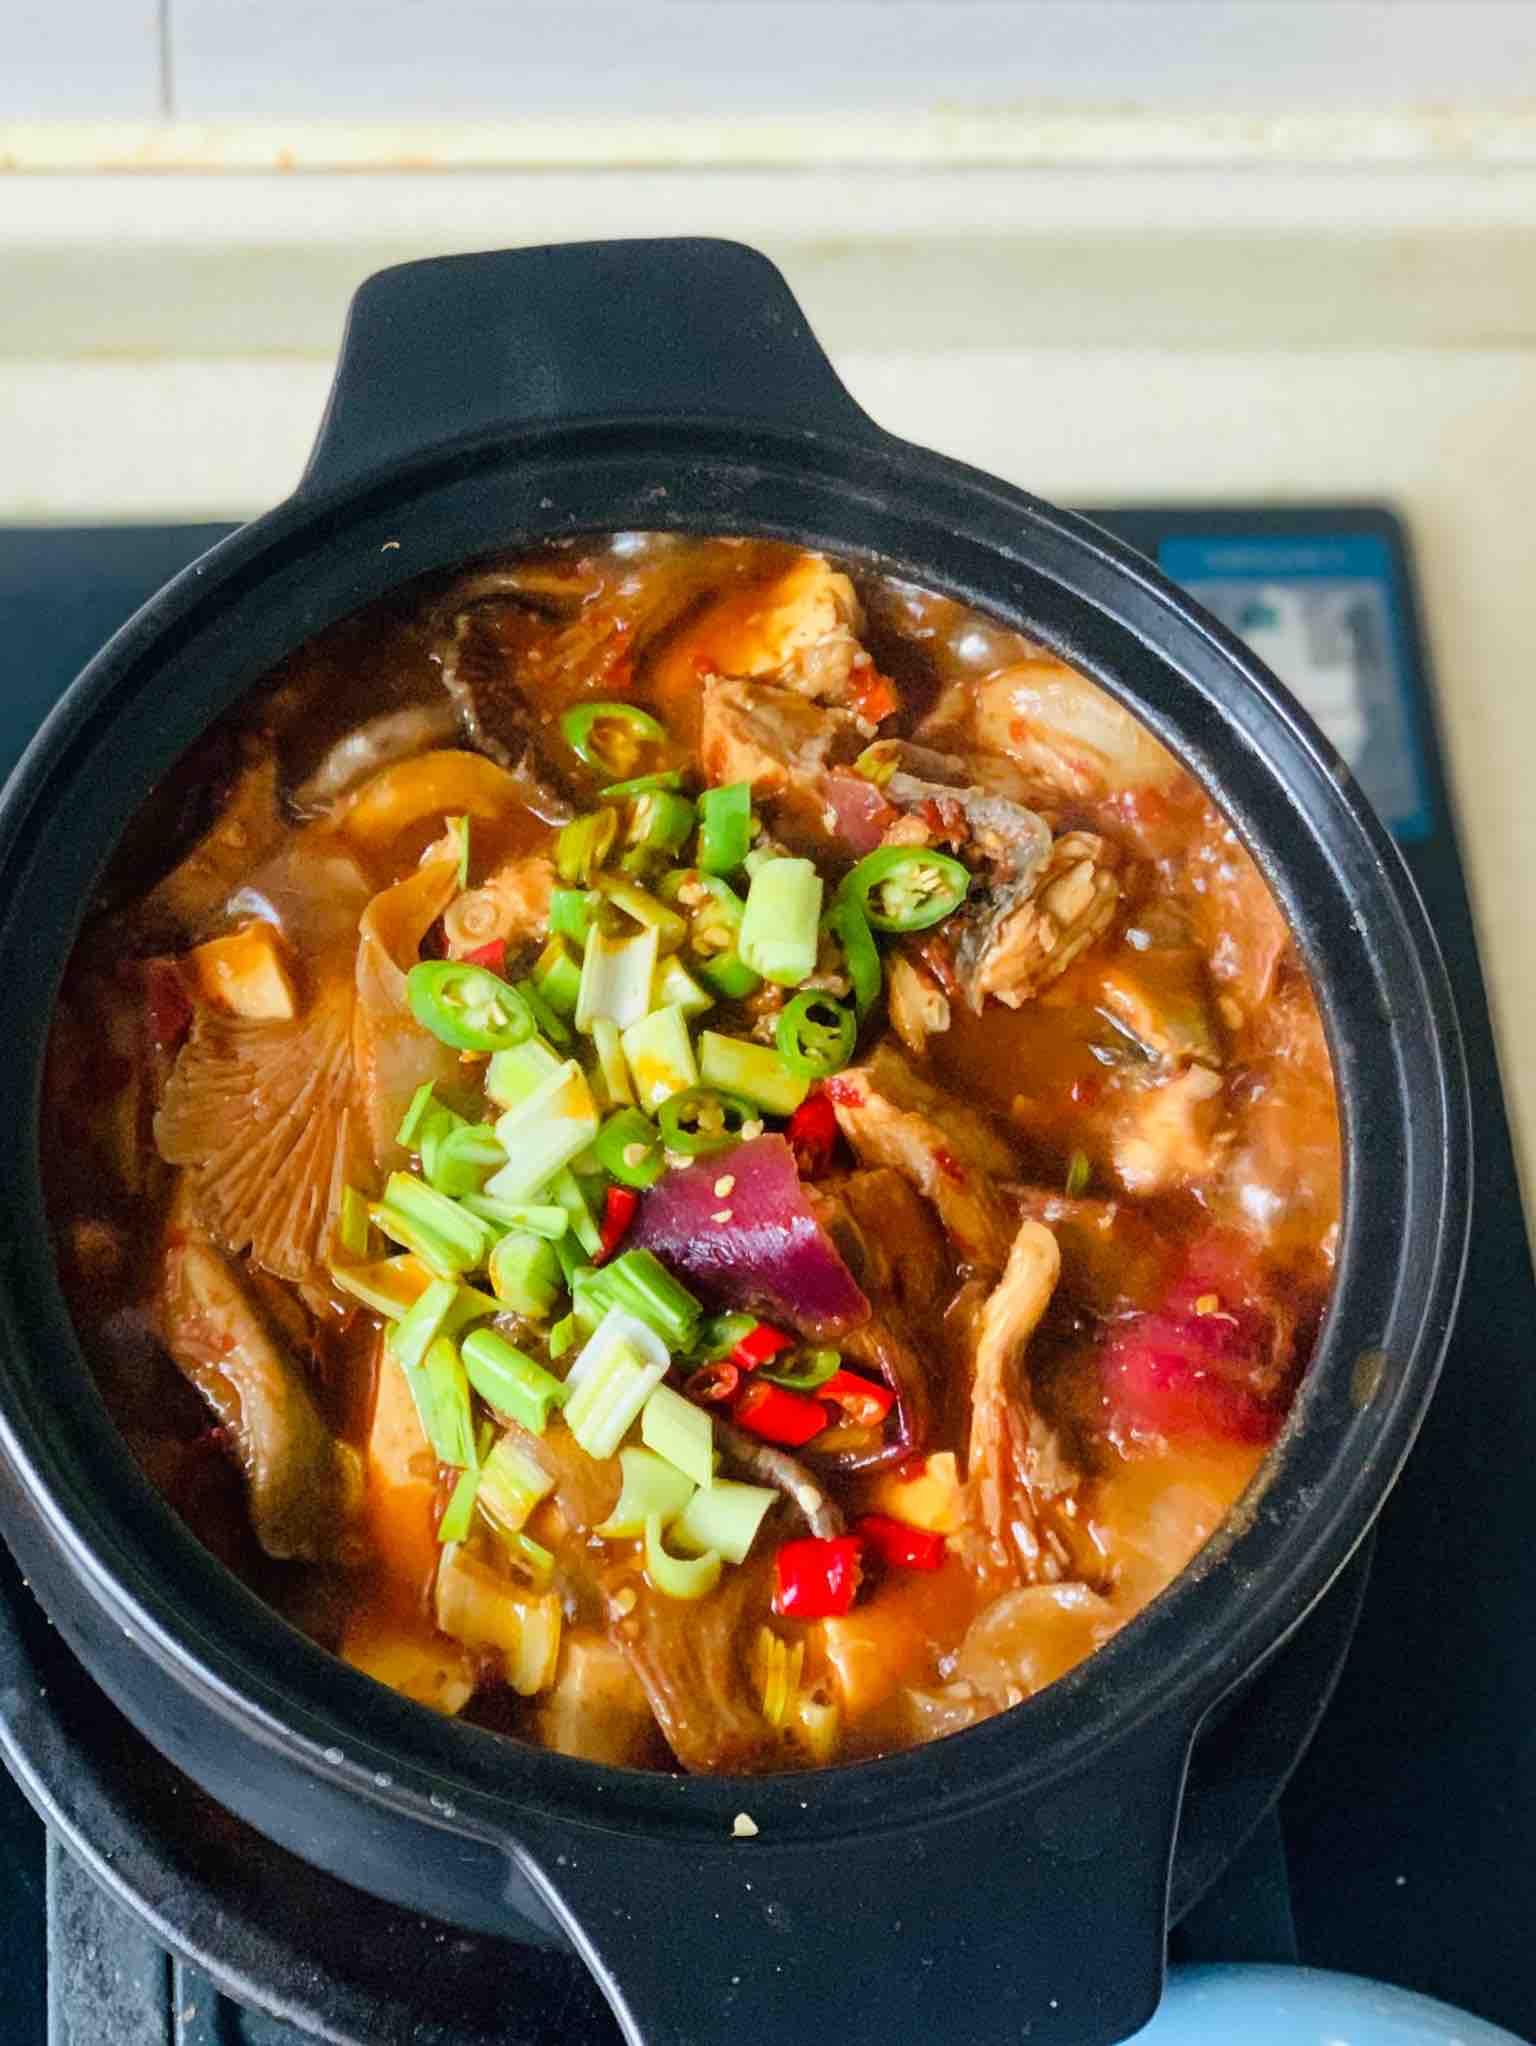 砂锅焖鱼块